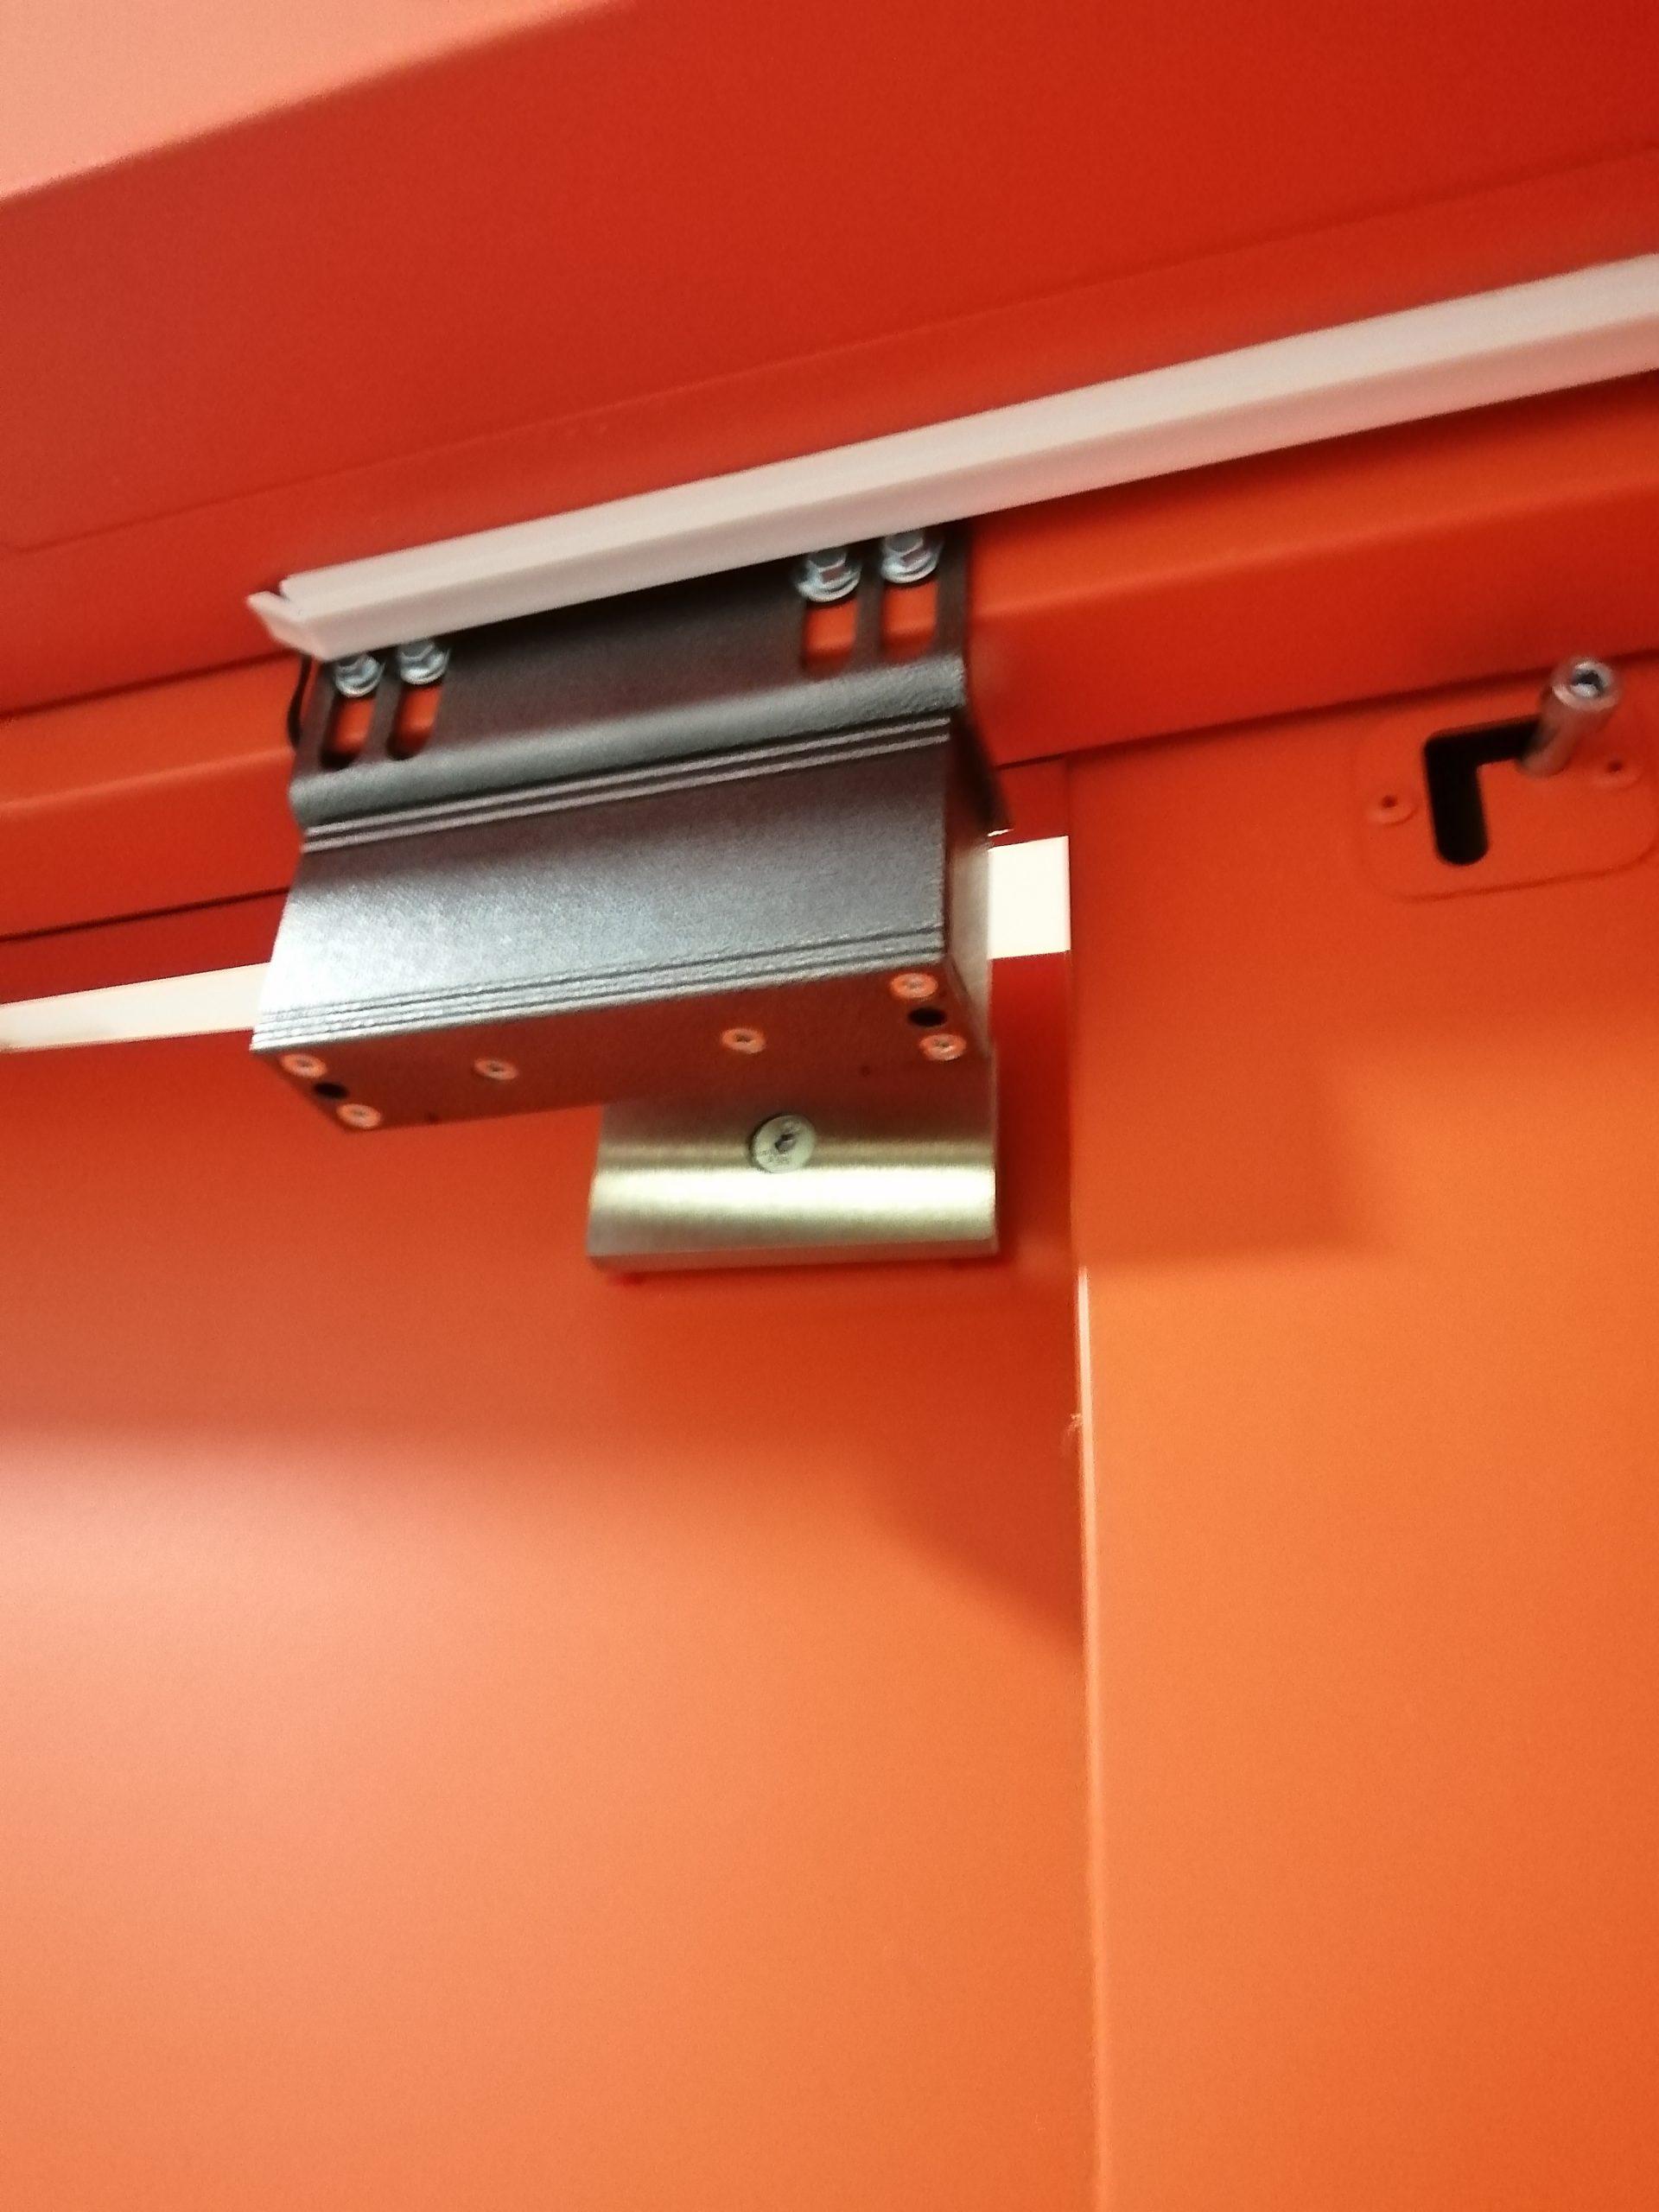 Установка комплекта магнитного замка Вход по кодовой панели